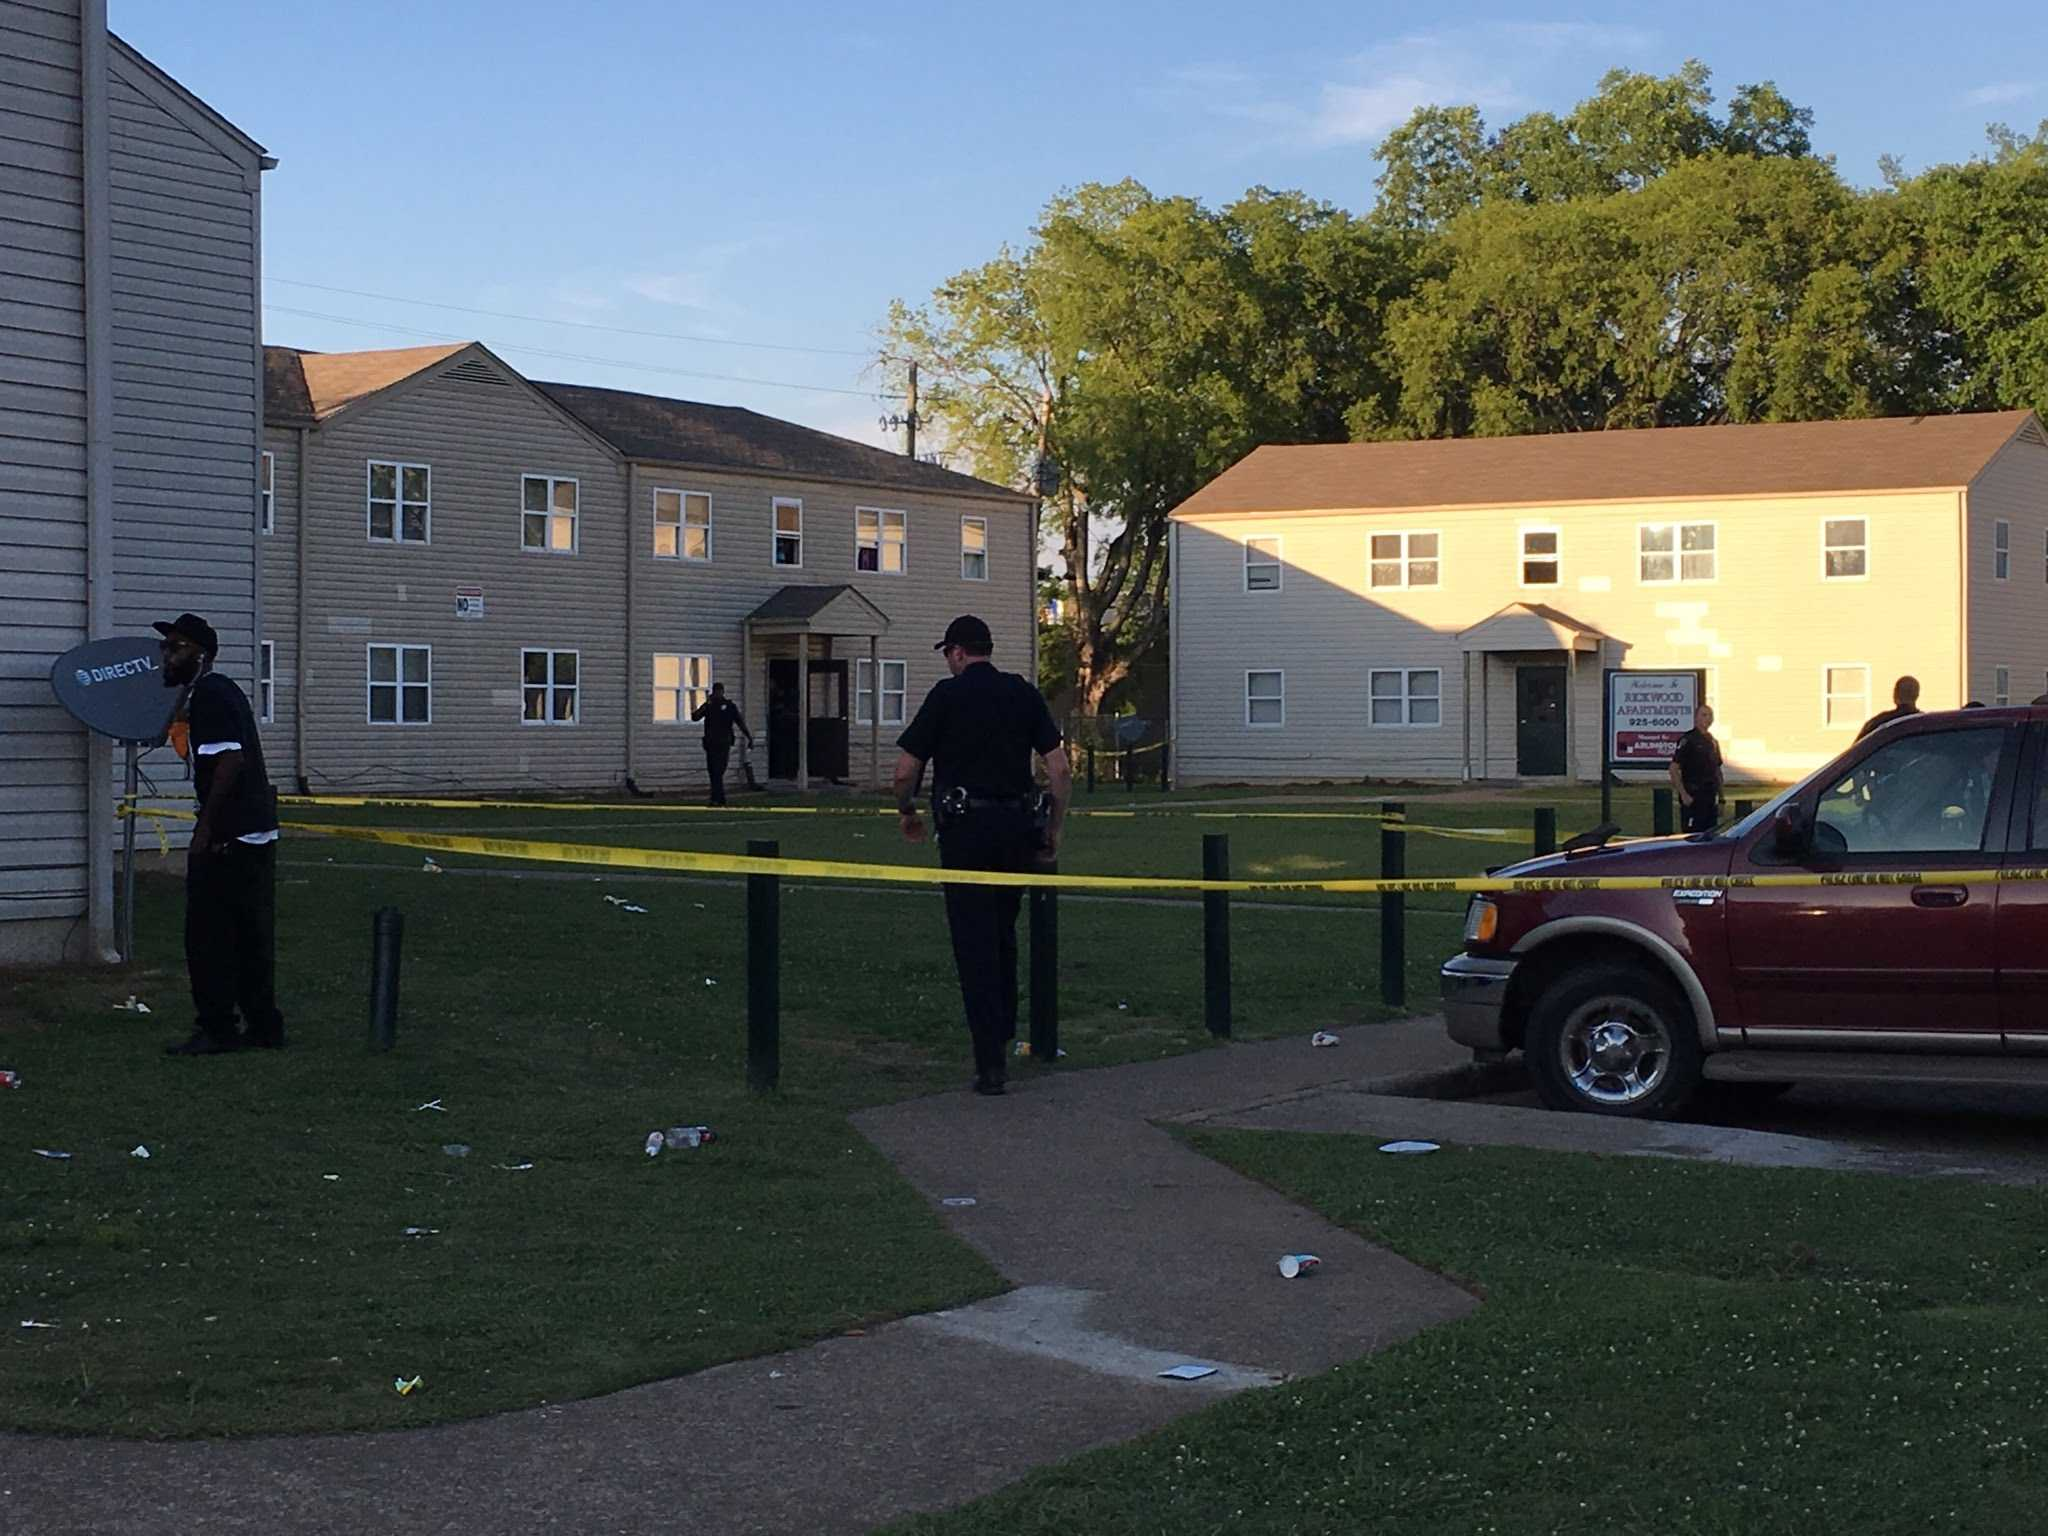 Man Shot And Killed At Birminghamu0027s Rickwood Apartments